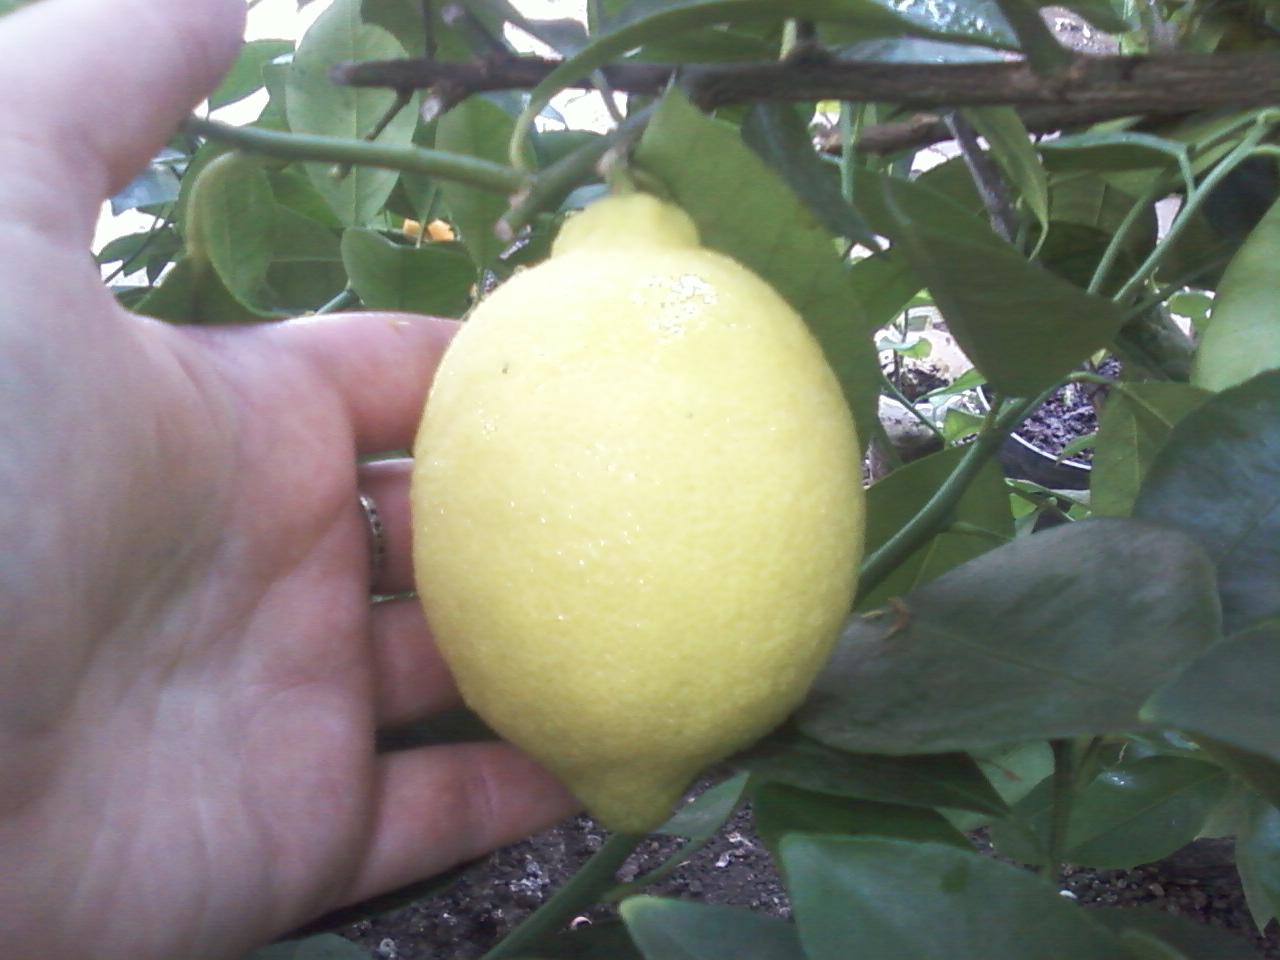 предлагается освоить павловский лимон фото досуга глубоко промышленном